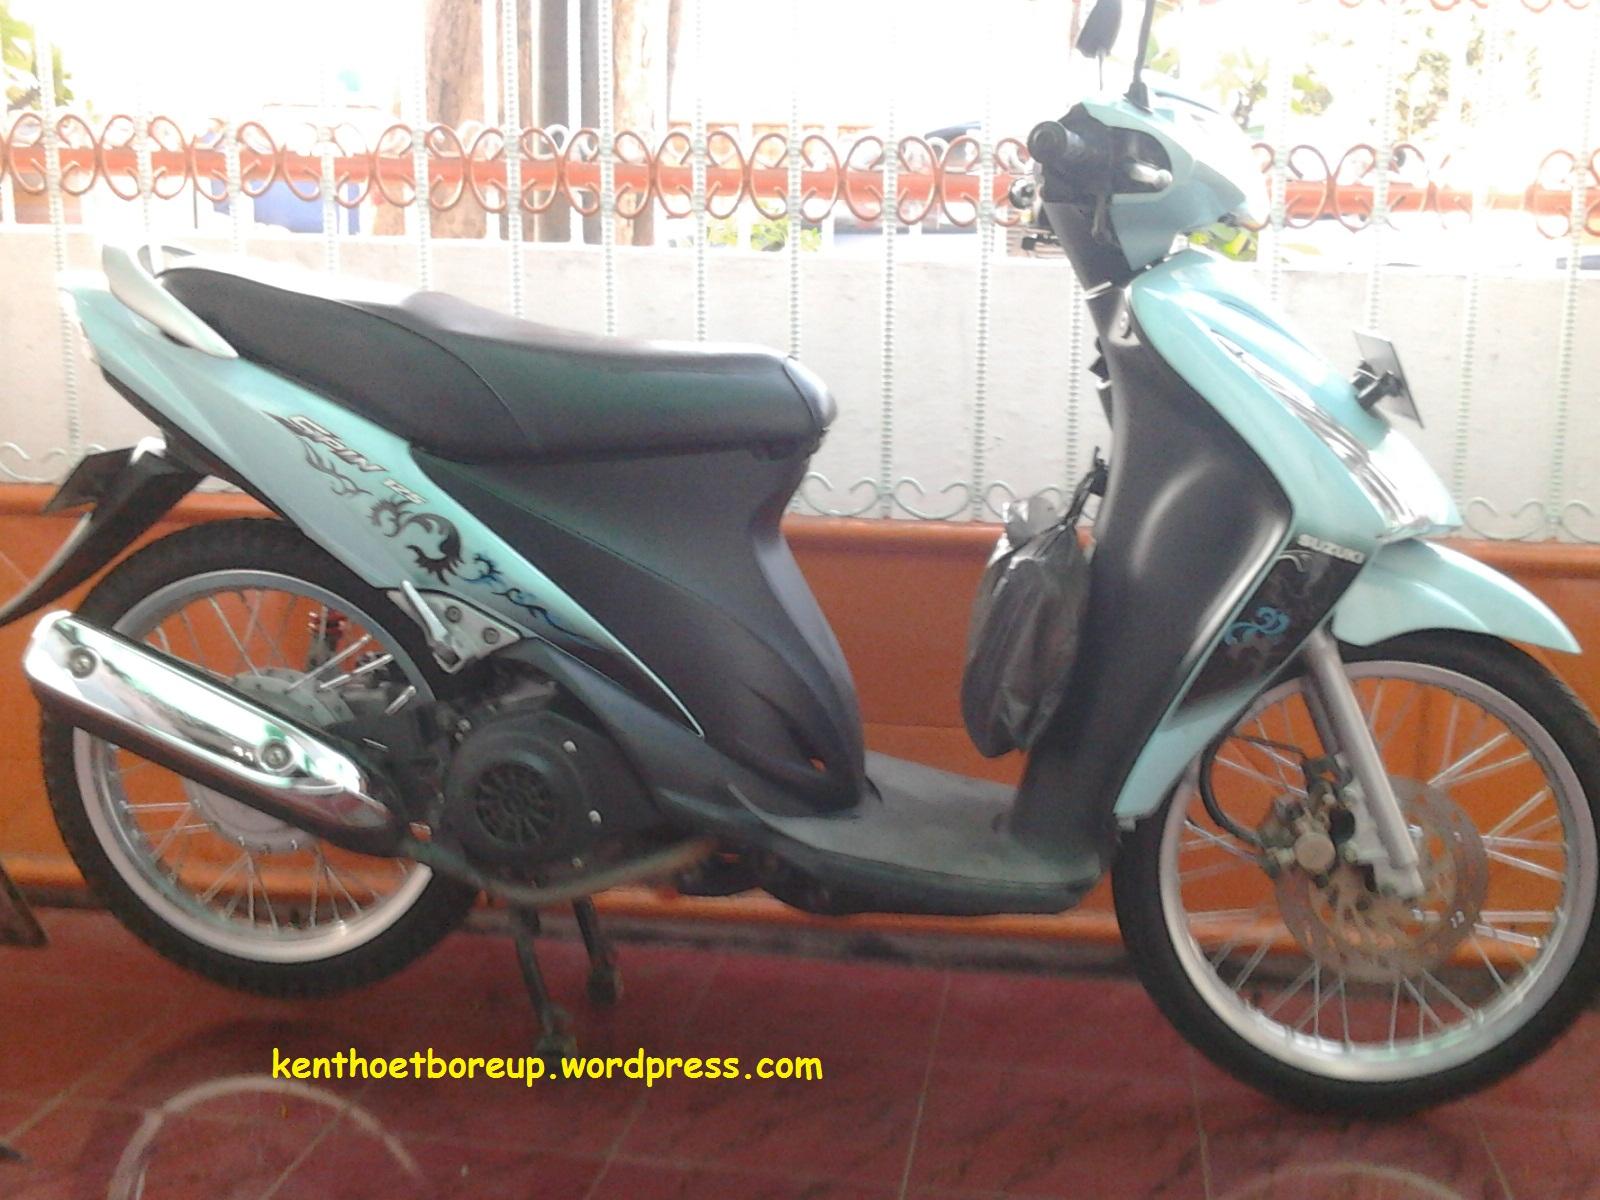 Suzuki Spin 125 Ganti Velg Ring 17 Top Speed Jadi Turun Drastis